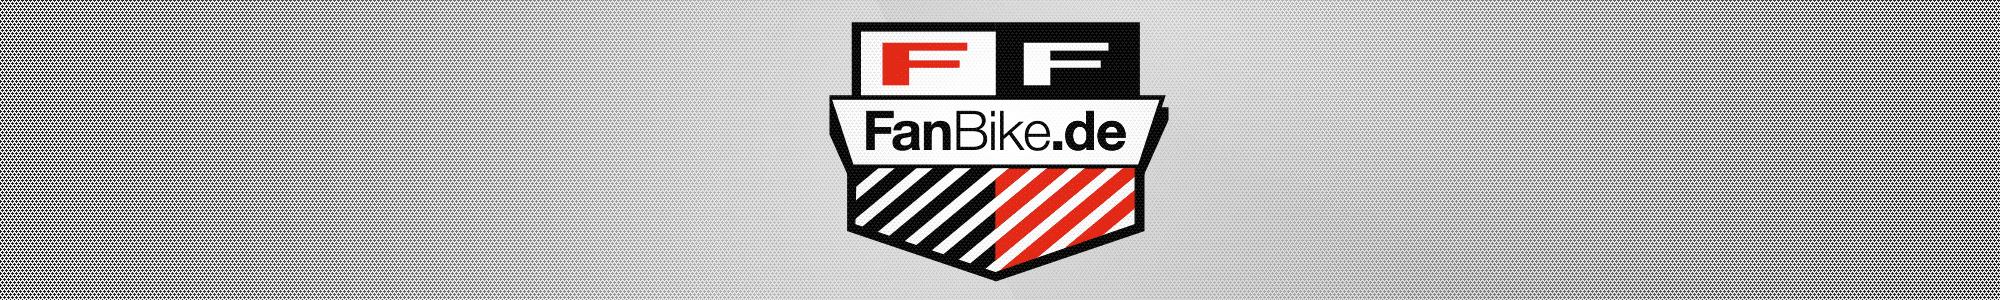 ITM – Präsentation für Fanbike